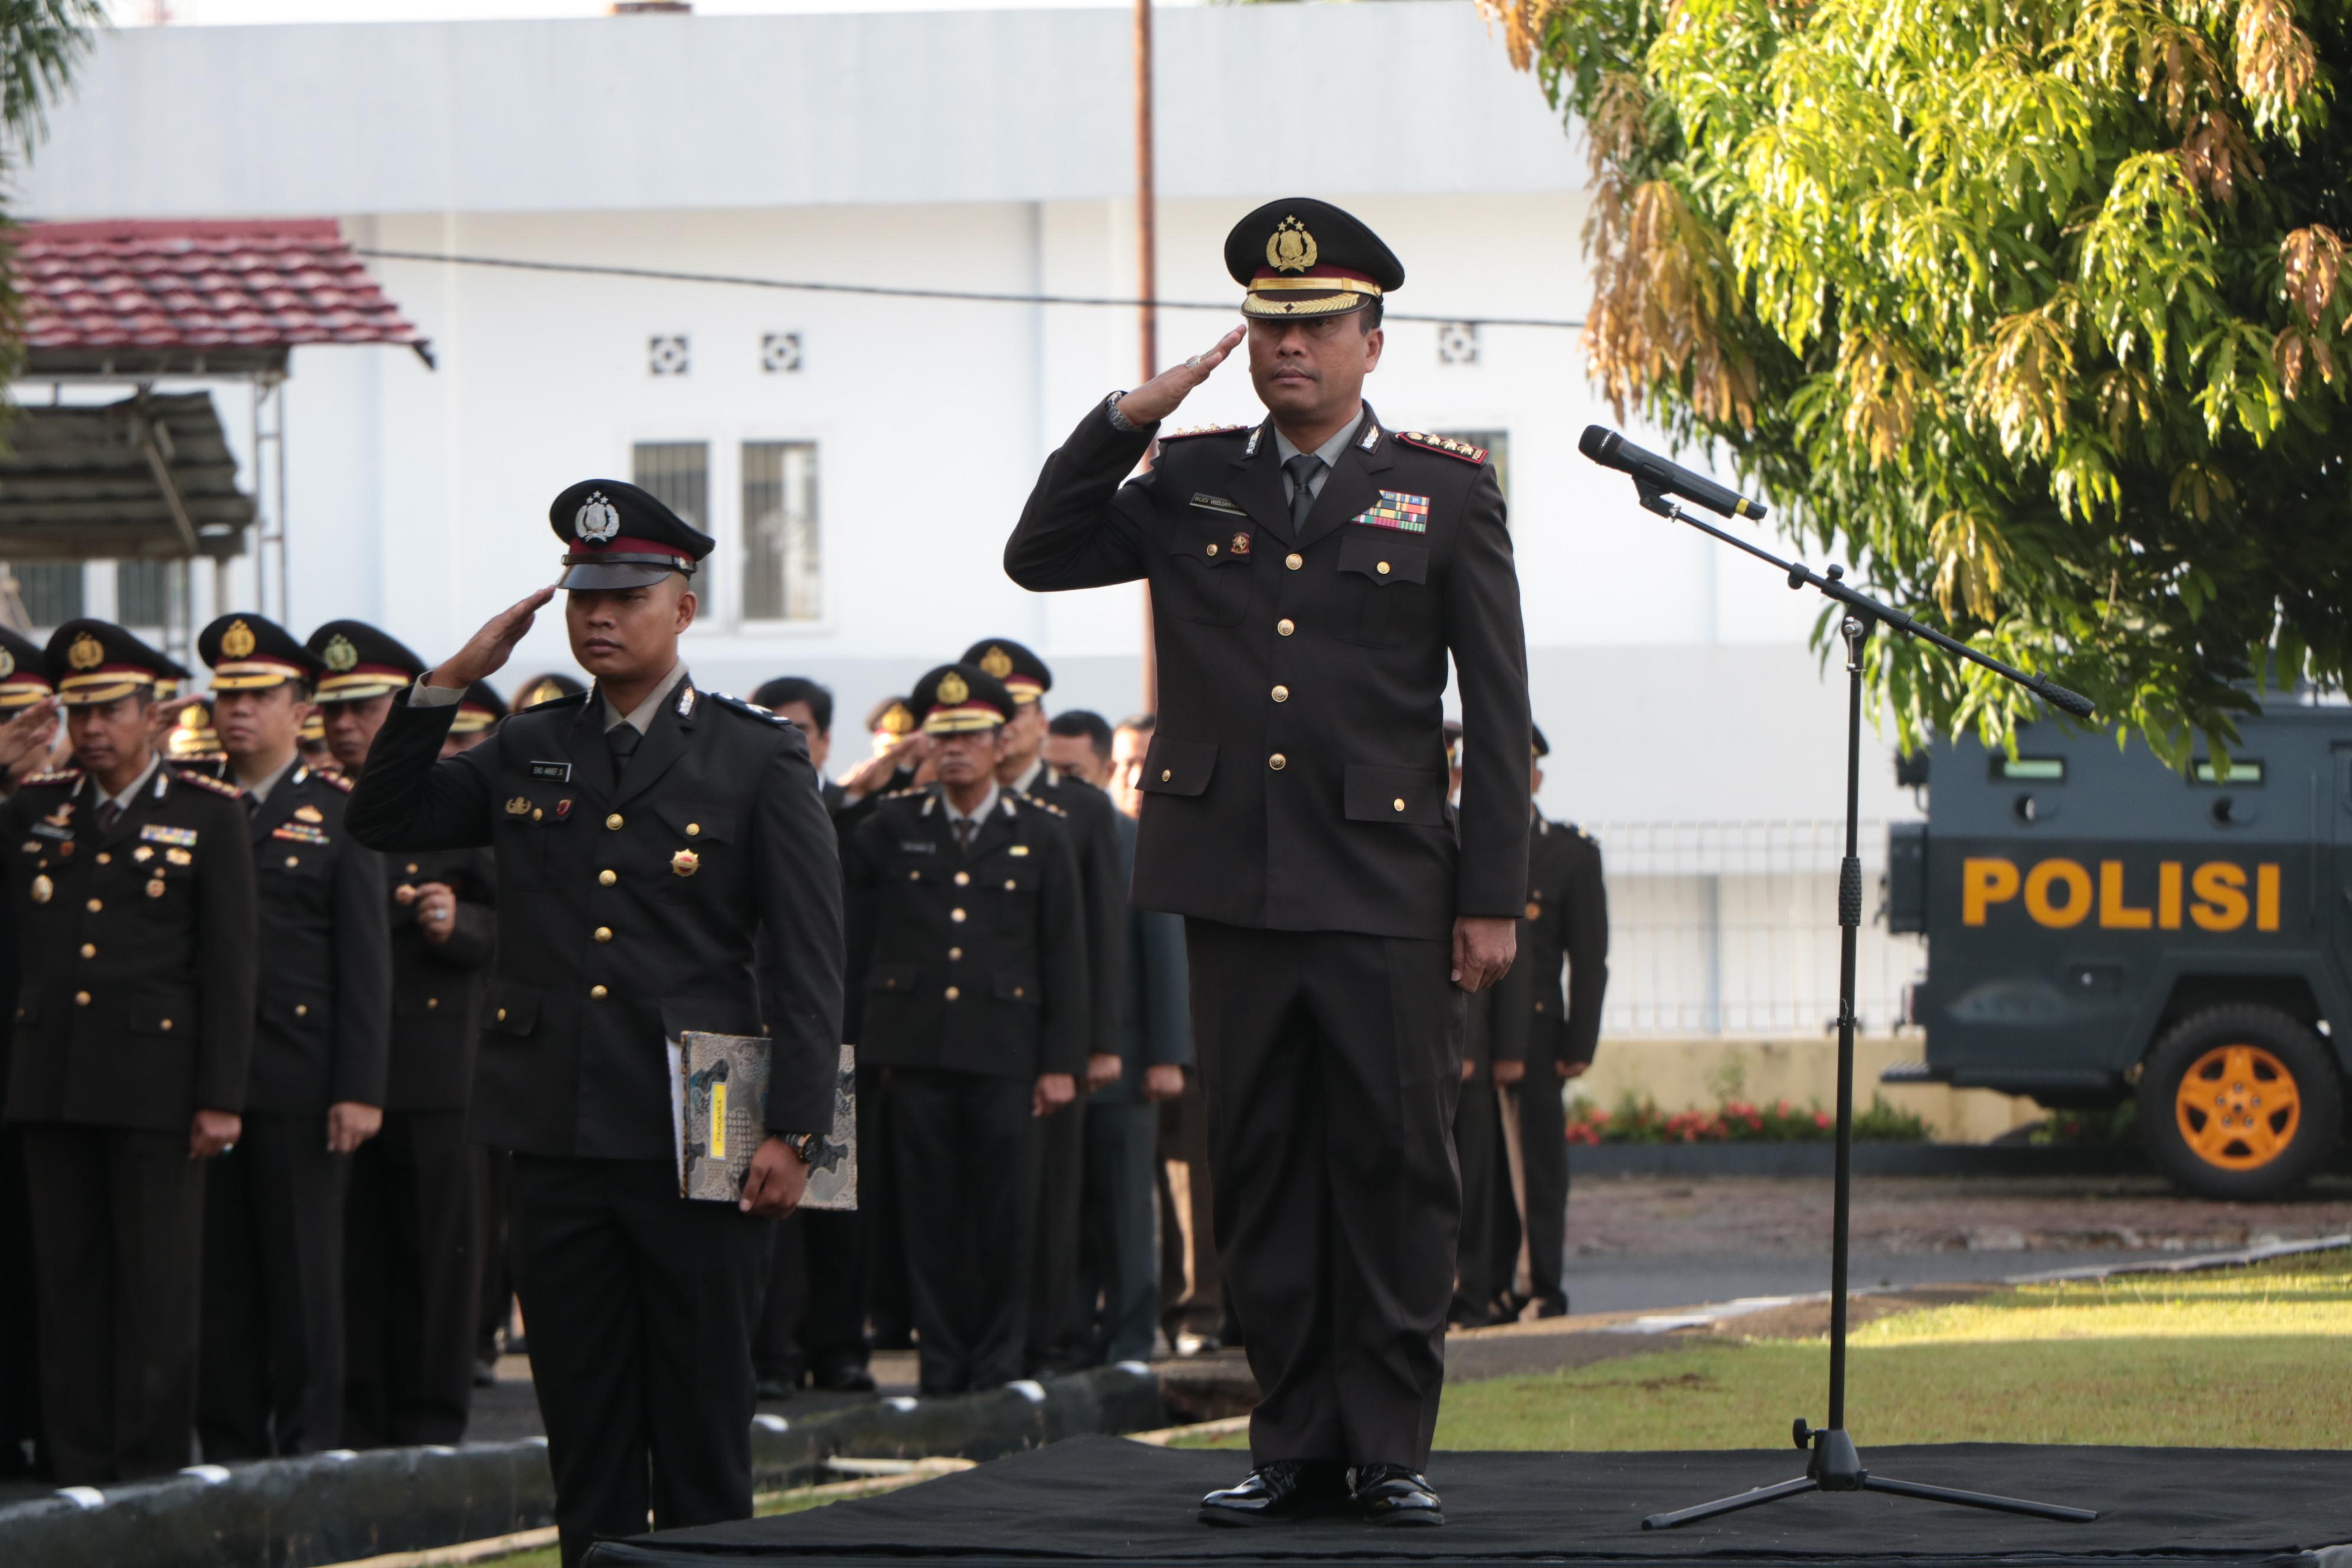 Polda Bengkulu Peringati Hari Kebangkitan Nasional ke-110